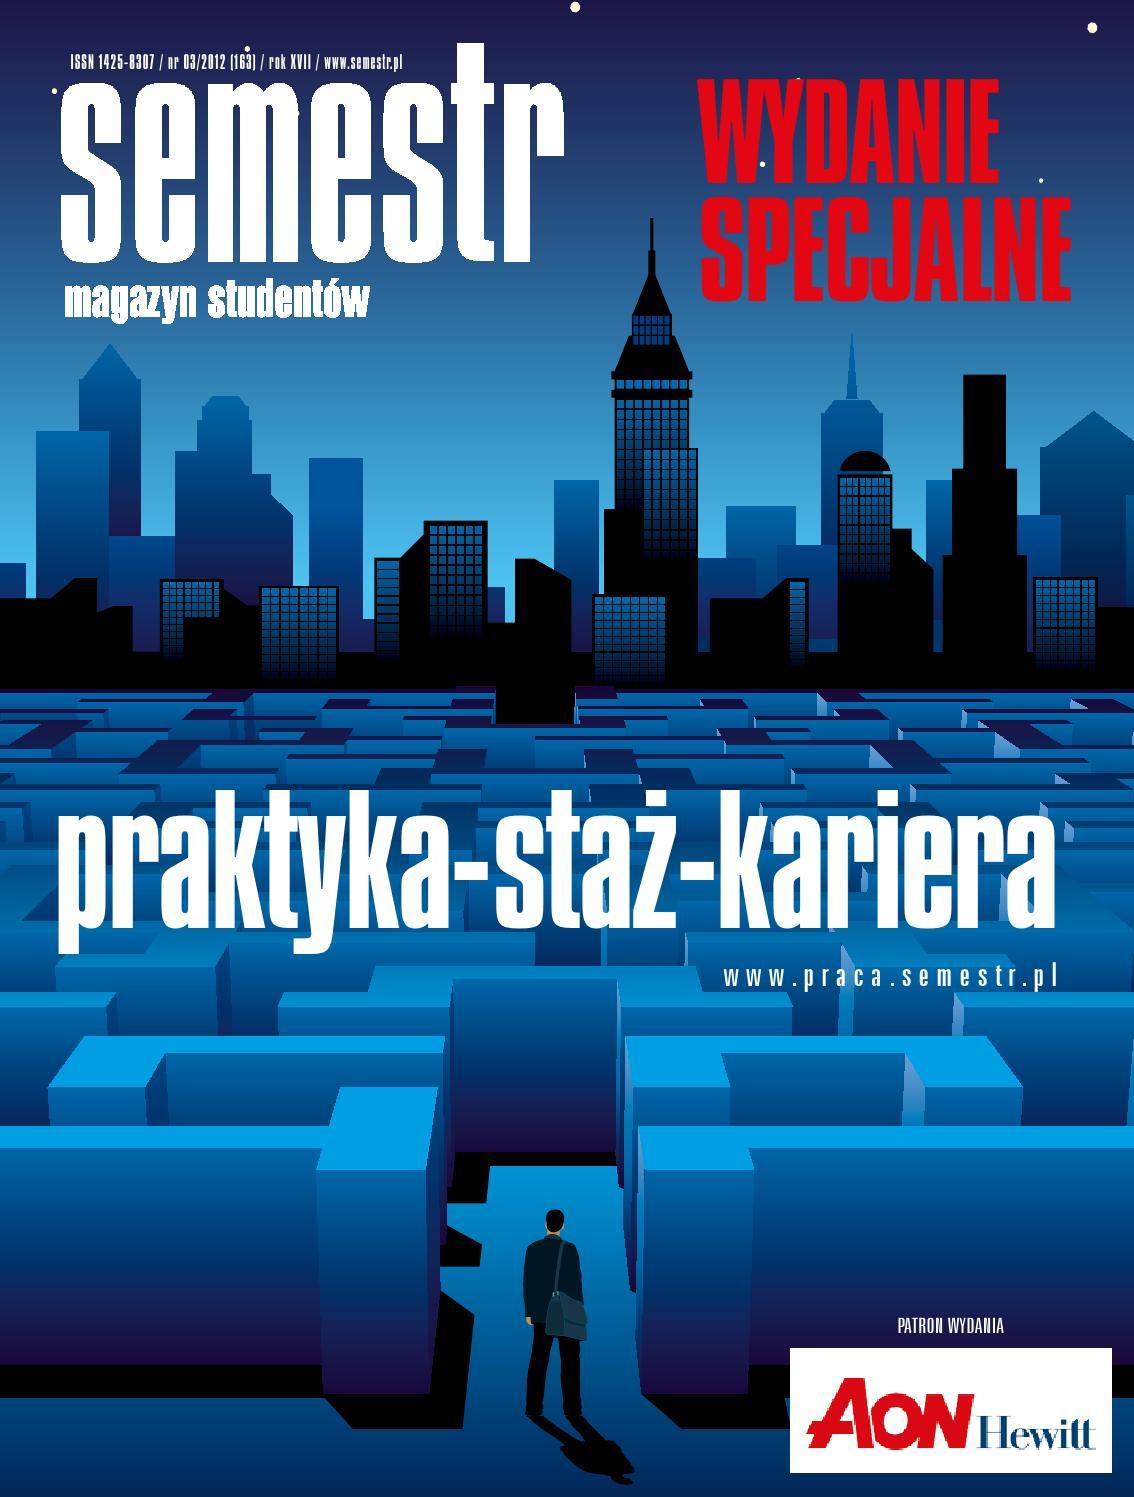 Magazyn Semestr Wydanie Wiosna 2012 By Magazyn Semestr Issuu